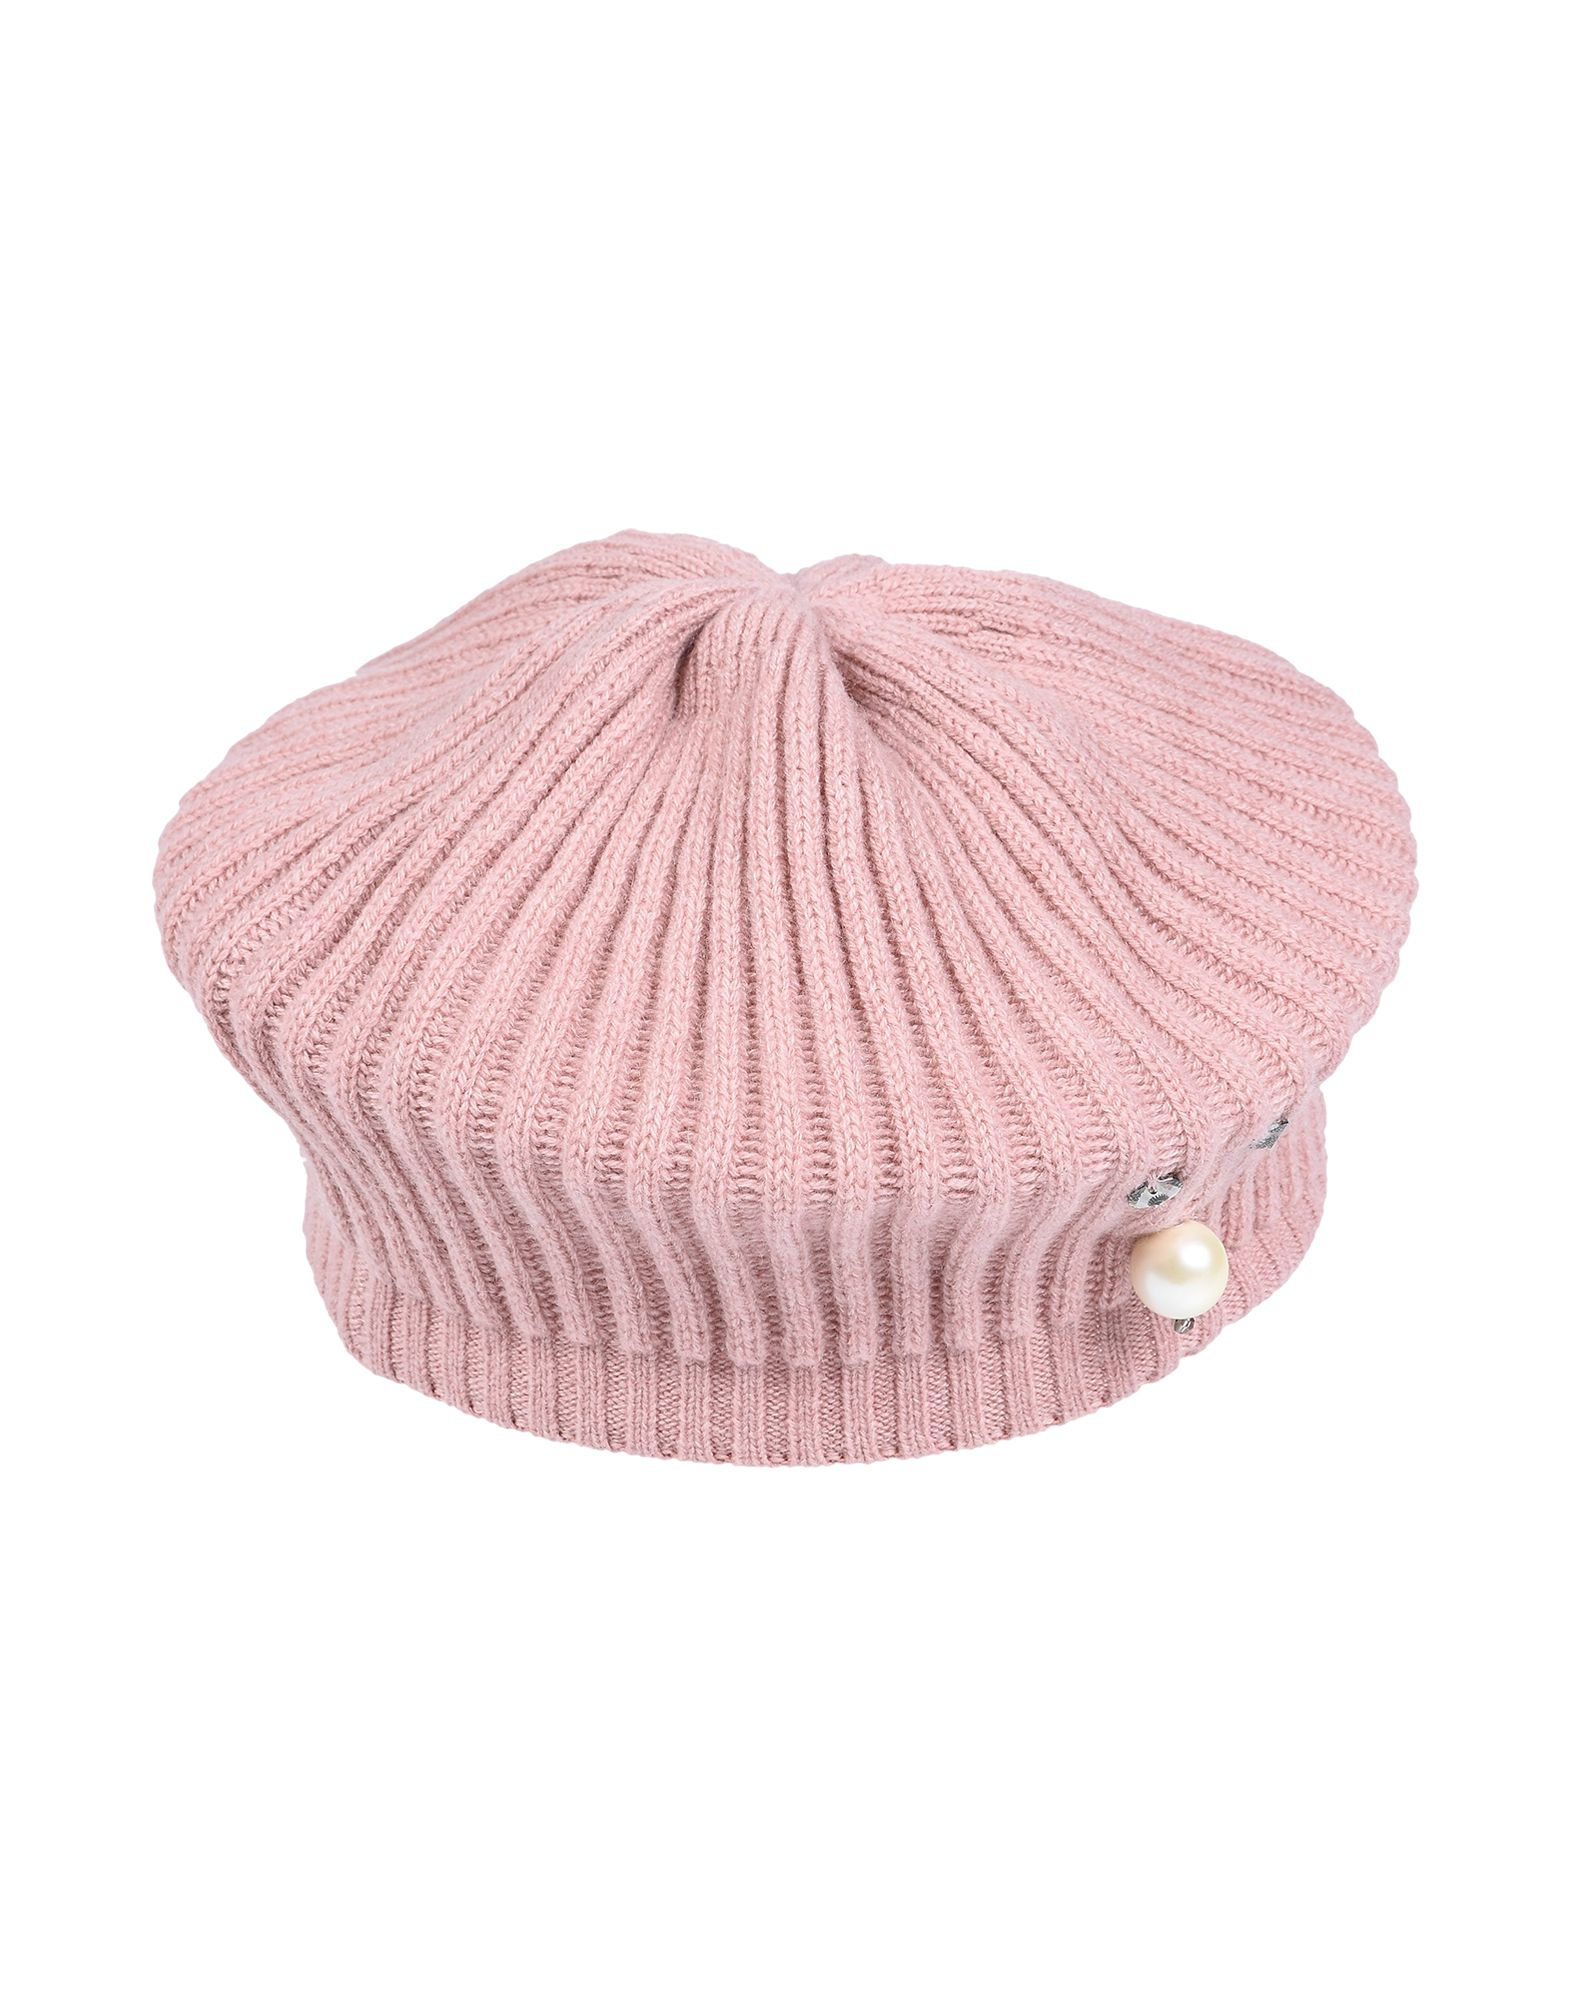 《送料無料》INVERNI レディース 帽子 パステルピンク one size カシミヤ